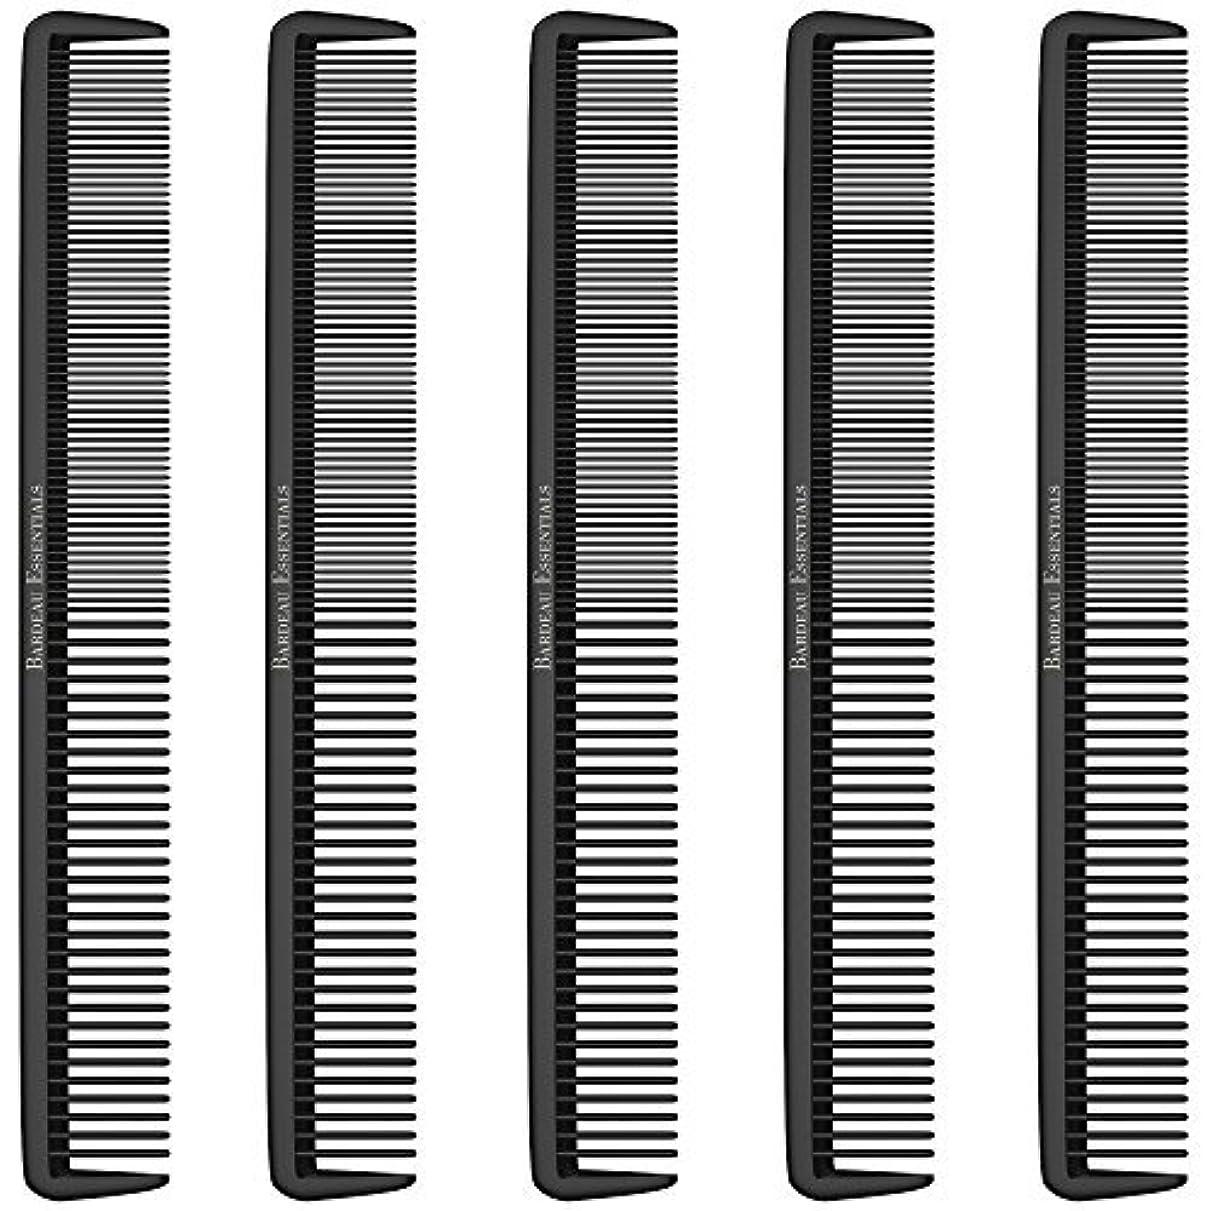 適合しました頑張るゲストStyling Comb (5 Pack) - Professional 8.75  Black Carbon Fiber Anti Static Chemical And Heat Resistant Hair Combs...